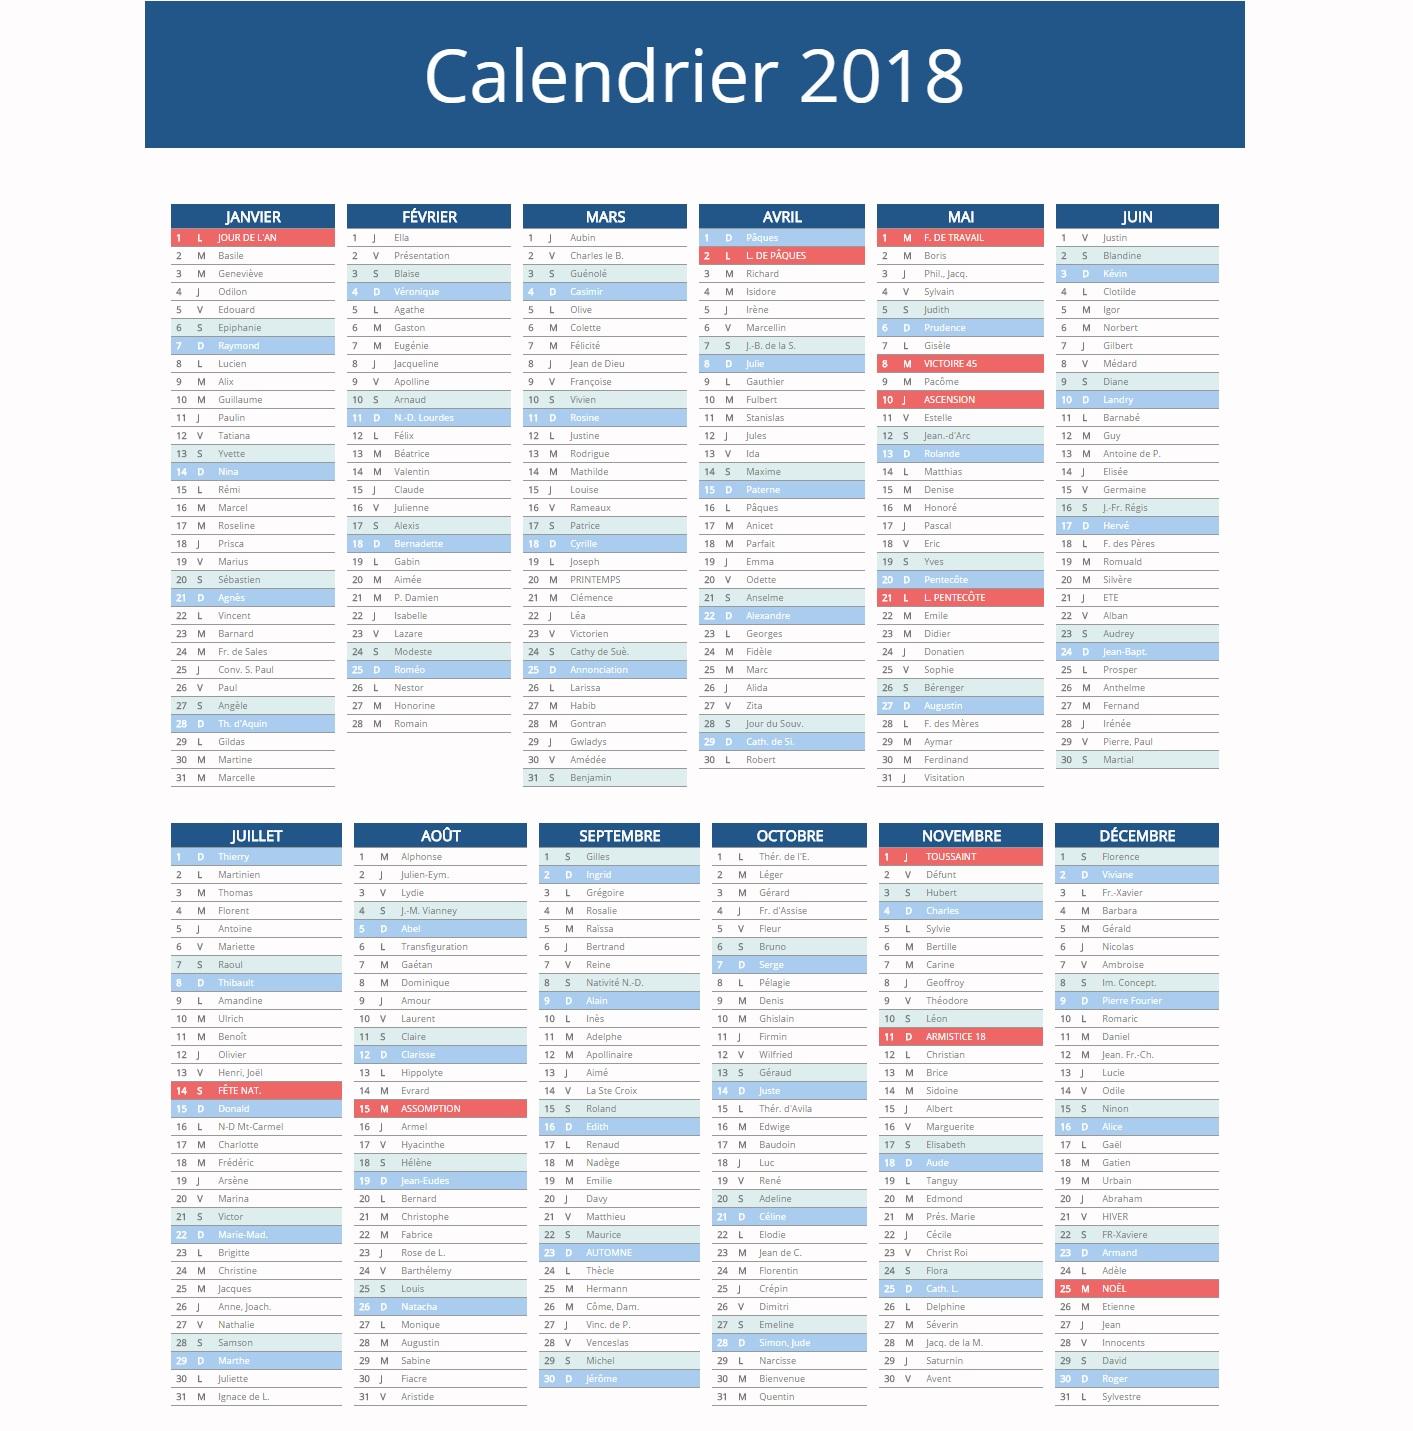 Calendrier 2018 vacances scolaires jours f ri s 2018 - Date fete des meres 2018 ...